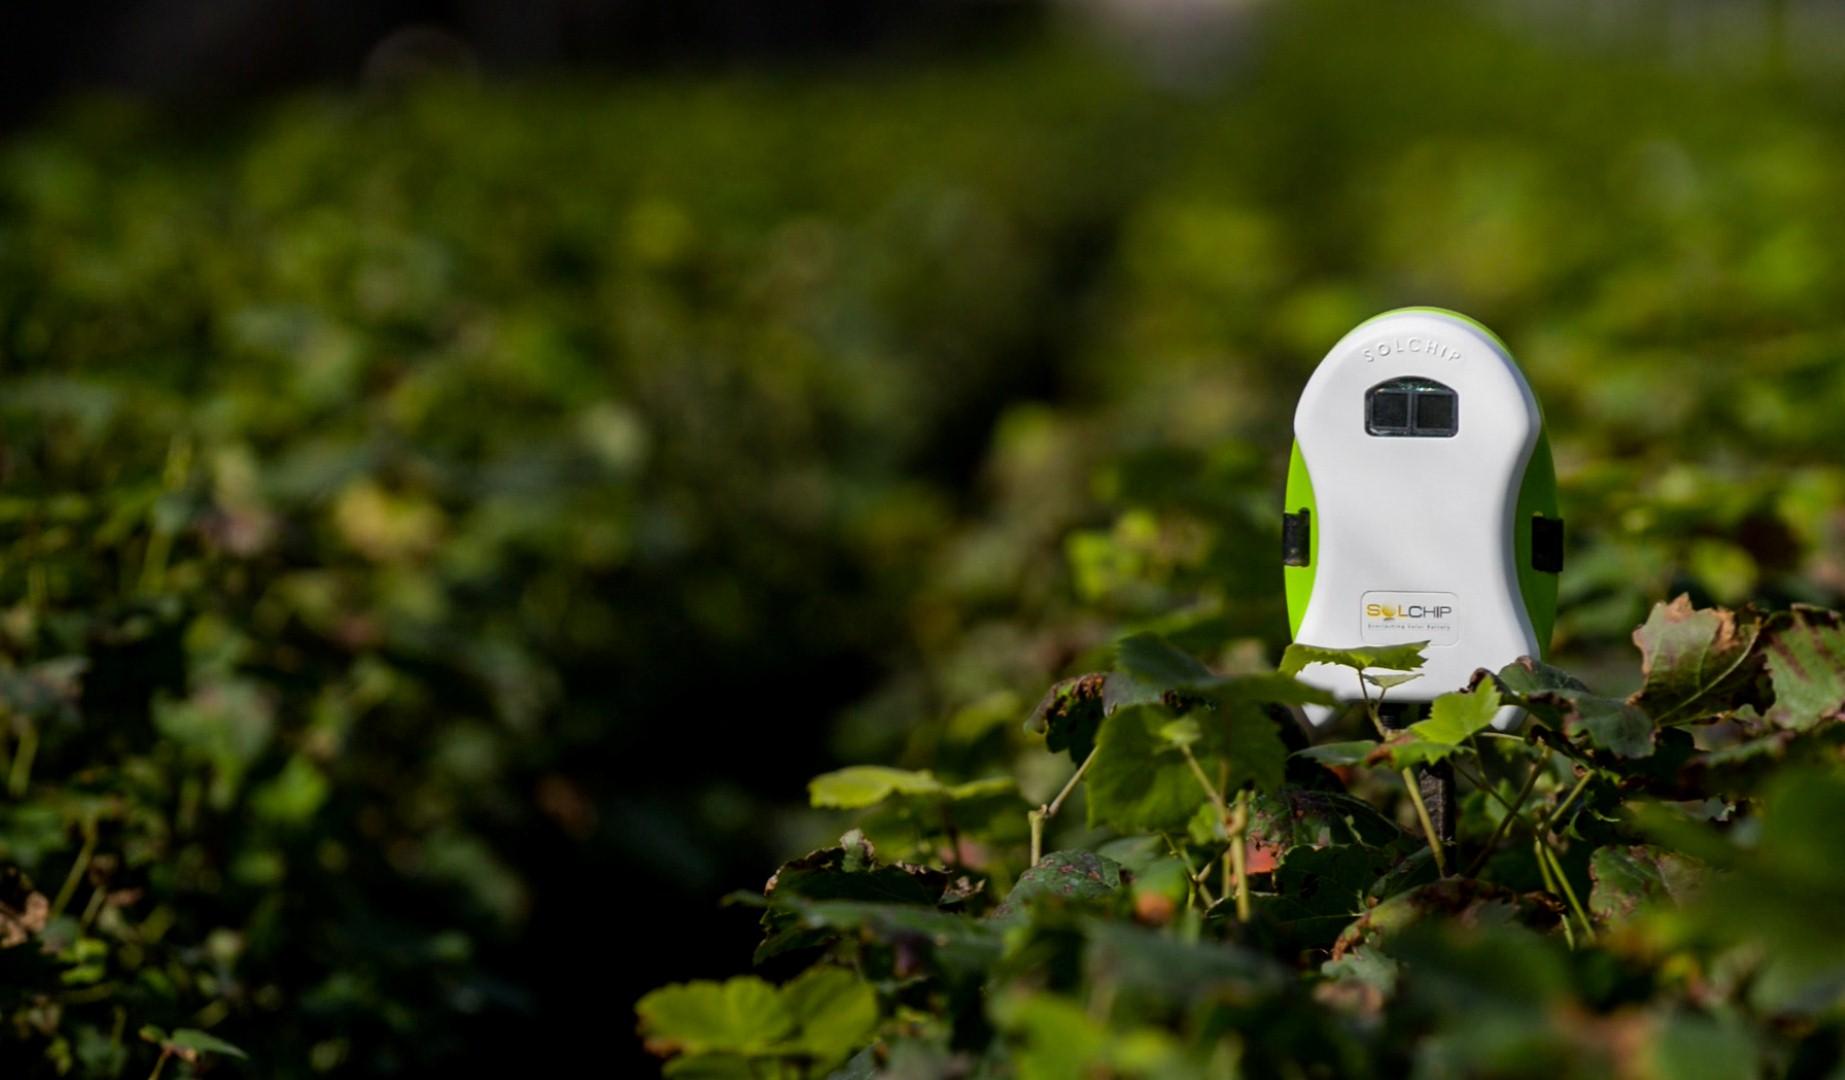 השבב הסולארי מותקן בשדה (צילום: לואיז גרין) (צילום: לואיז גרין)